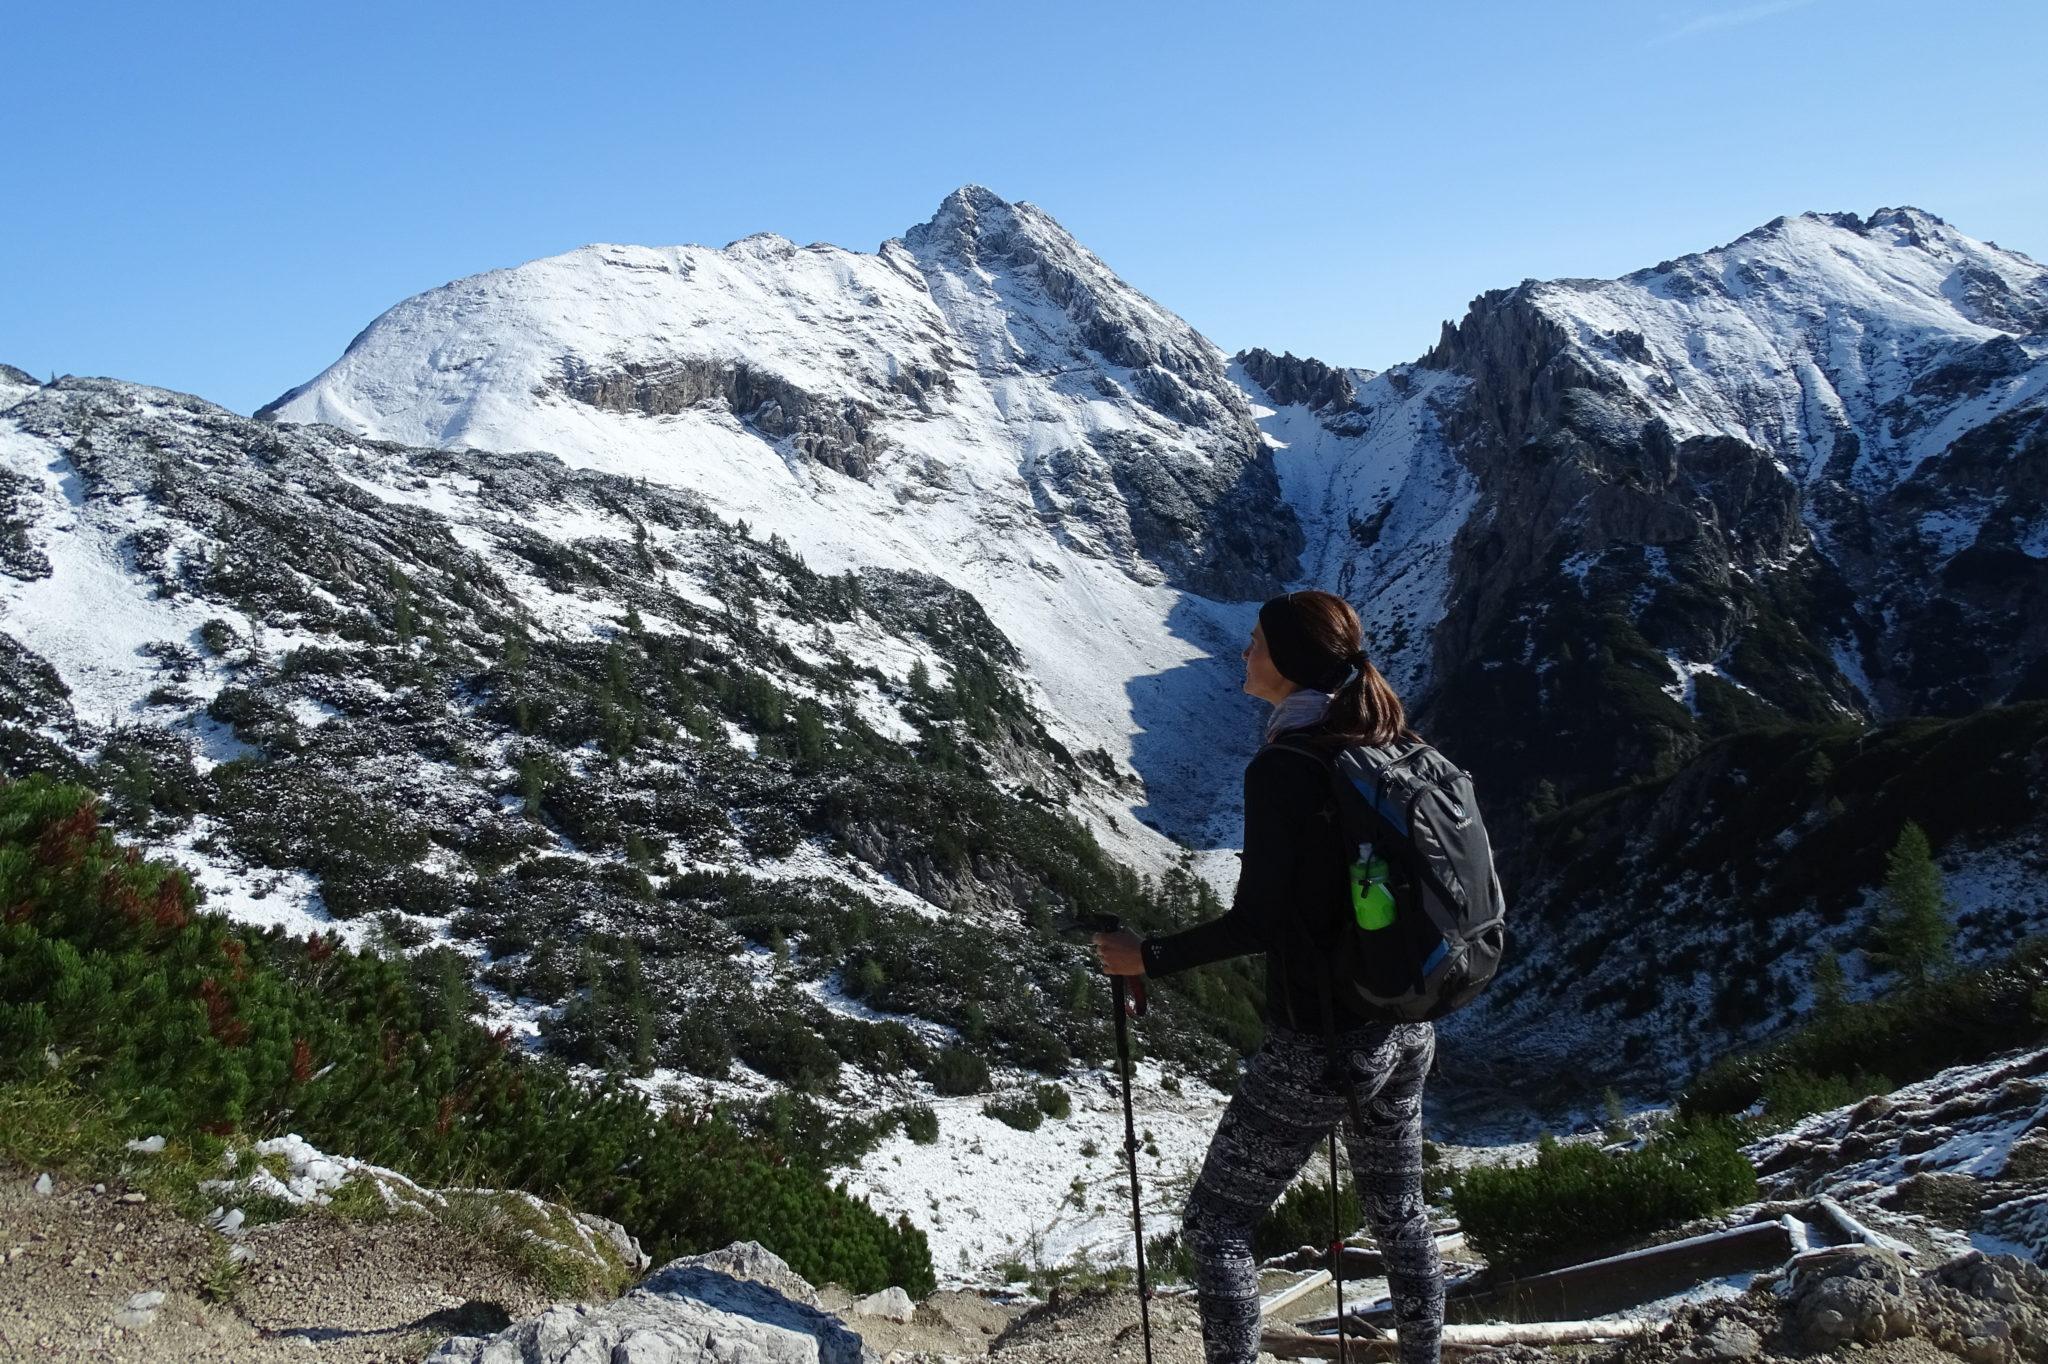 Mali Draški Vrh from the Studorski PrevaL, Julian Alps, Slovenia, Triglav National Park